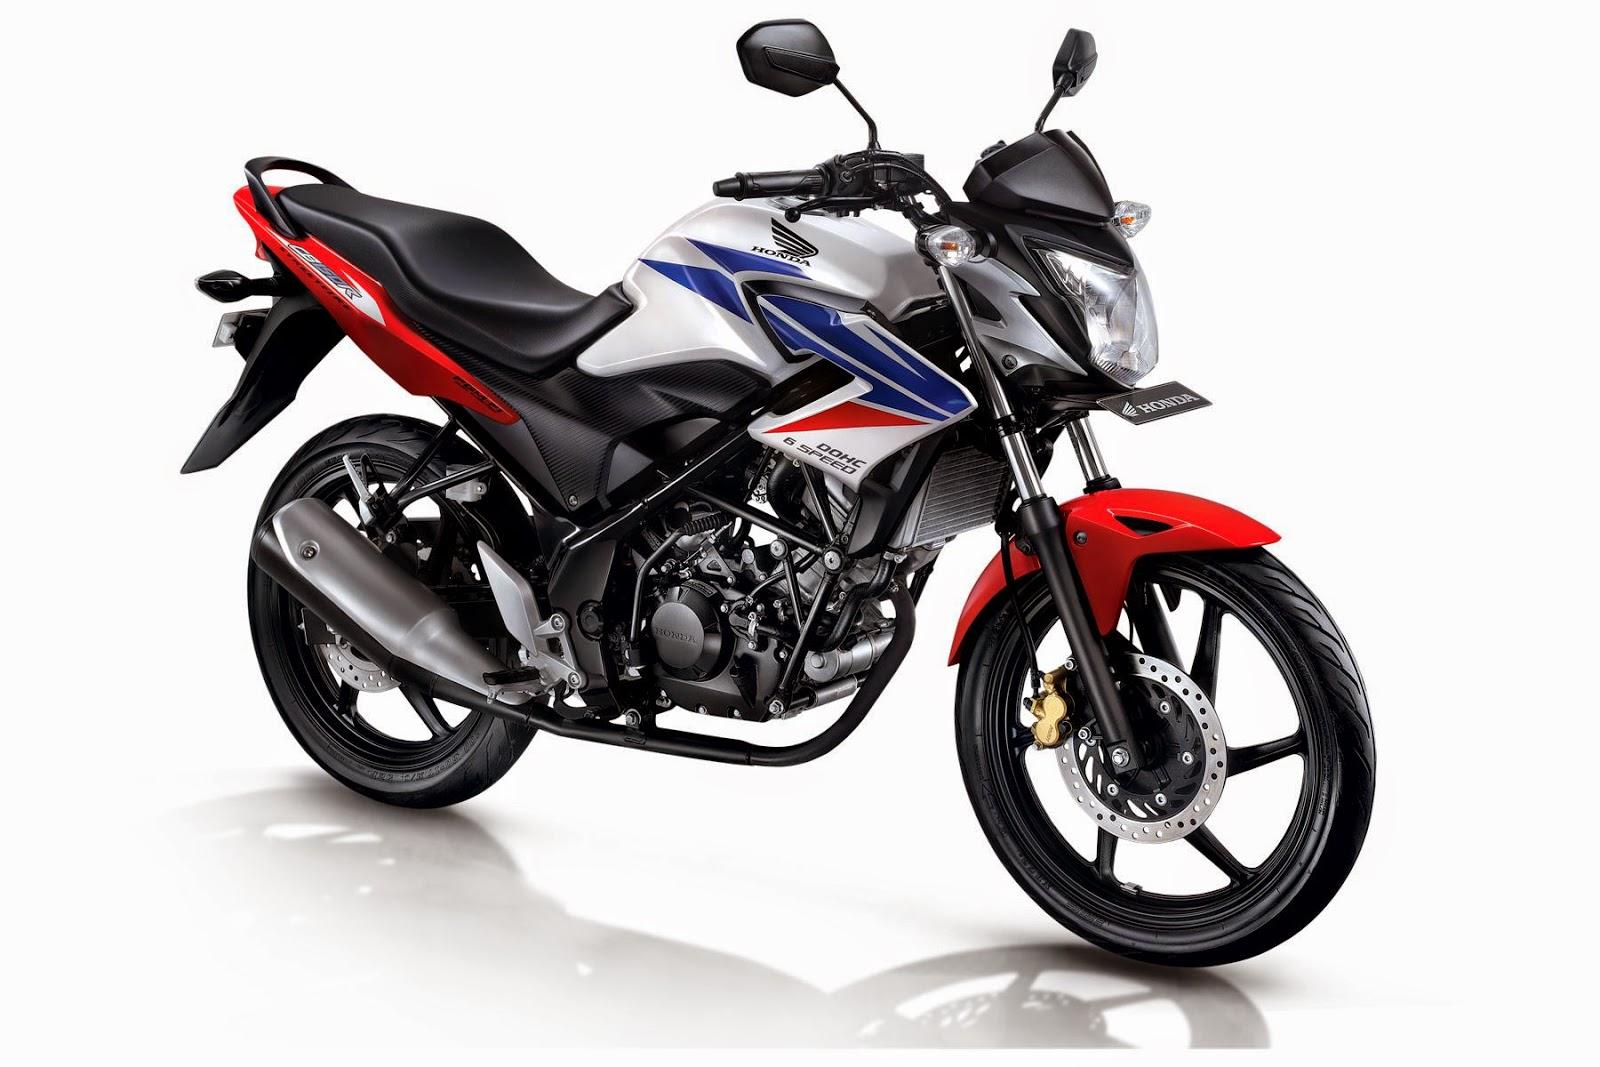 Boedy Saudara Motor 2015 New Vario 110 Esp Cbs Estilo Black Kebumen Diposting Oleh Honda Di 2112 Tidak Ada Komentar